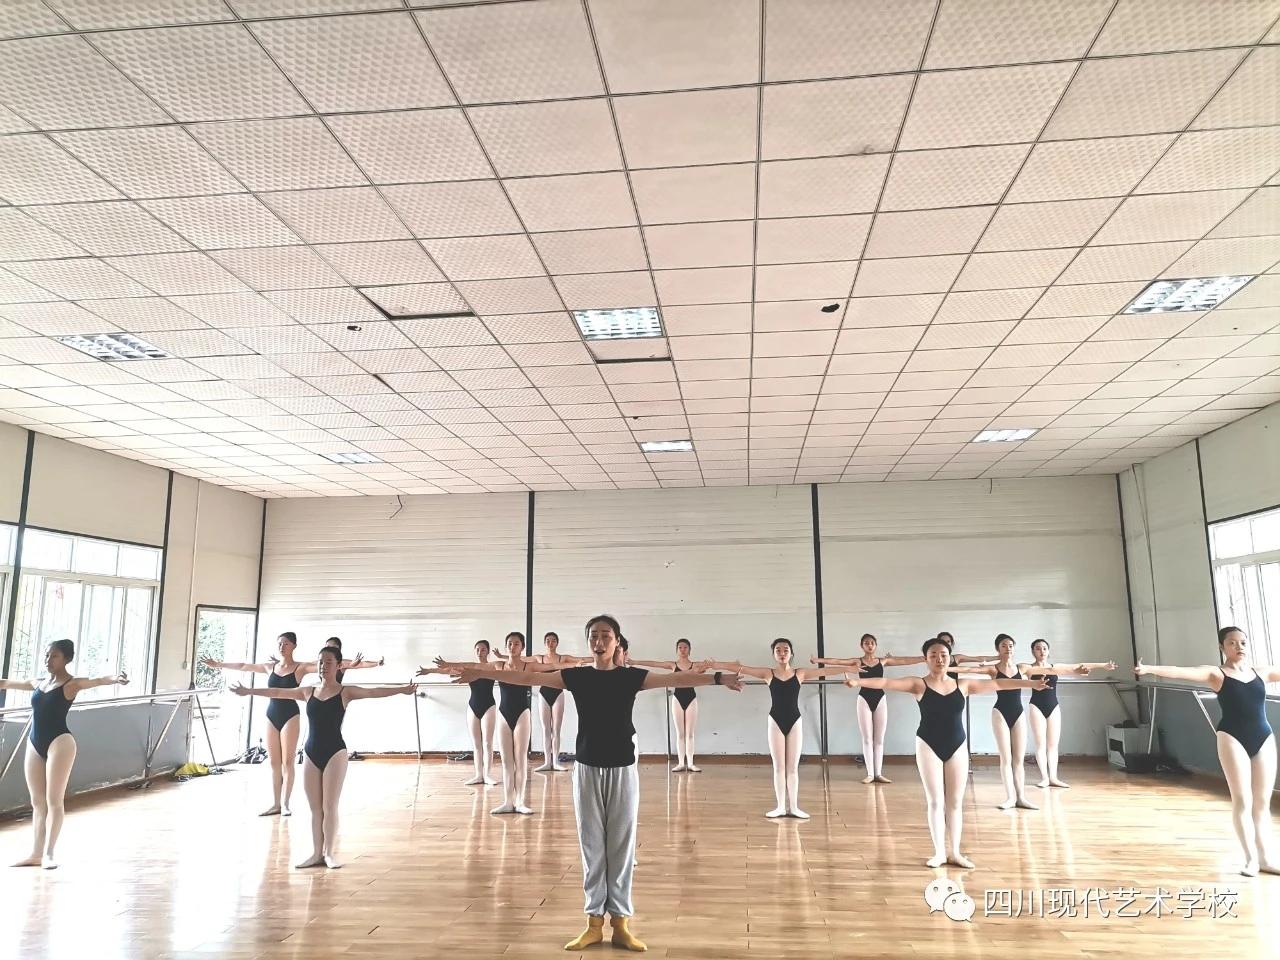 我校开展舞蹈科教学公开课!